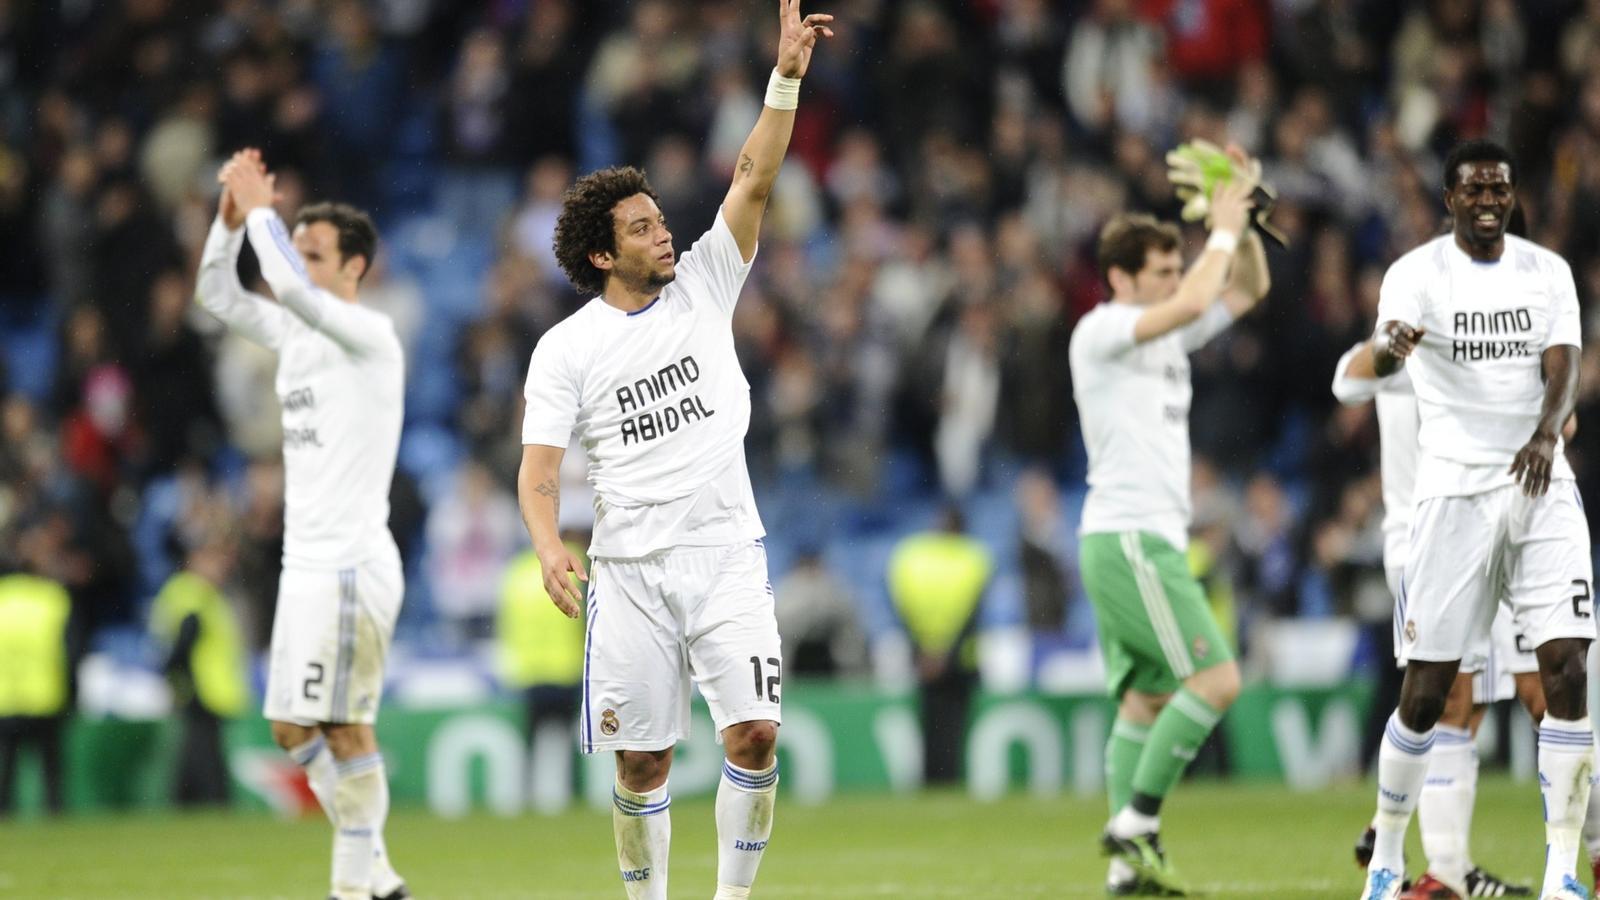 Els jugadors del Reial Madrid celebren la victòria i la classificació amb una samarreta en suport al blaugrana Abidal. / PIERRE-PHILIPPE MARCOU / AFP